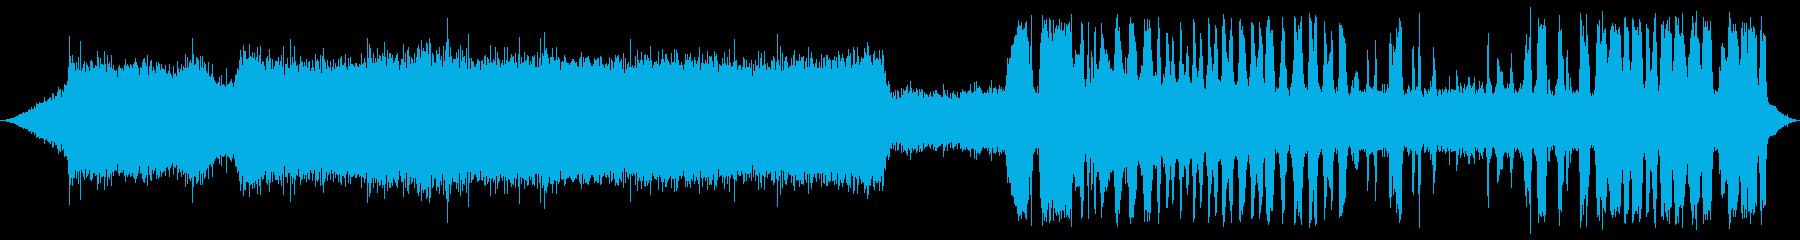 吸引チューブ:常時吸引、救急装置病...の再生済みの波形